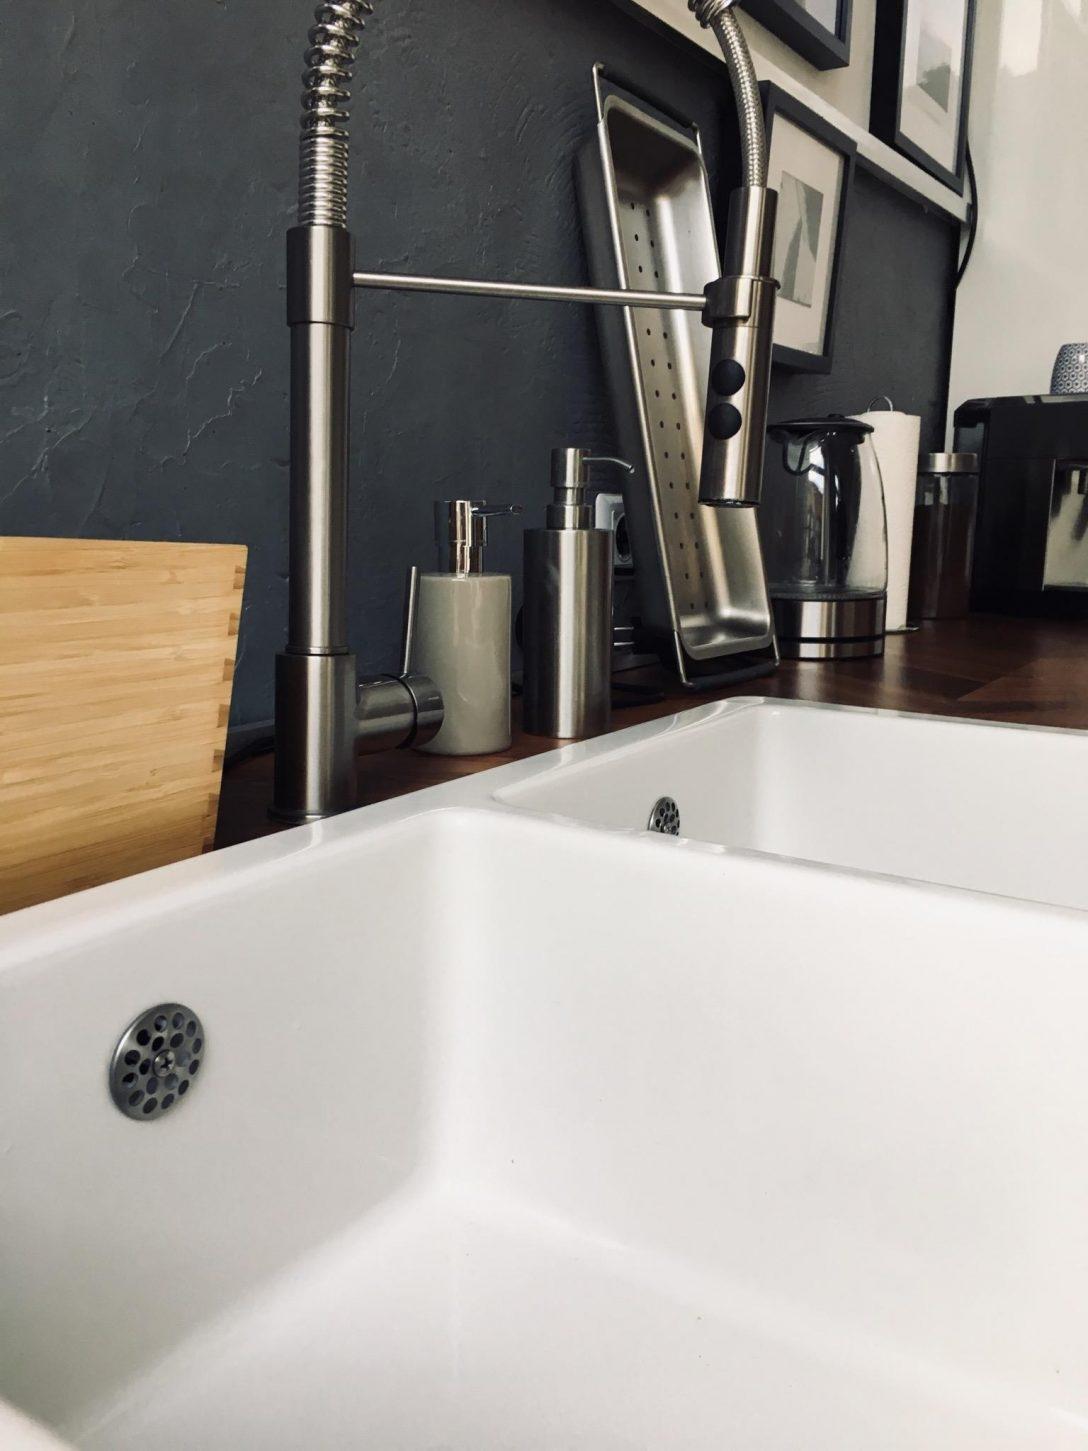 Large Size of Keramik Waschbecken Küche Bilder Ideen Couch Badezimmer Modul L Form Vinyl Mit E Geräten Günstig Elektrogeräten Wasserhahn Für Ausstellungsküche Weiß Küche Keramik Waschbecken Küche